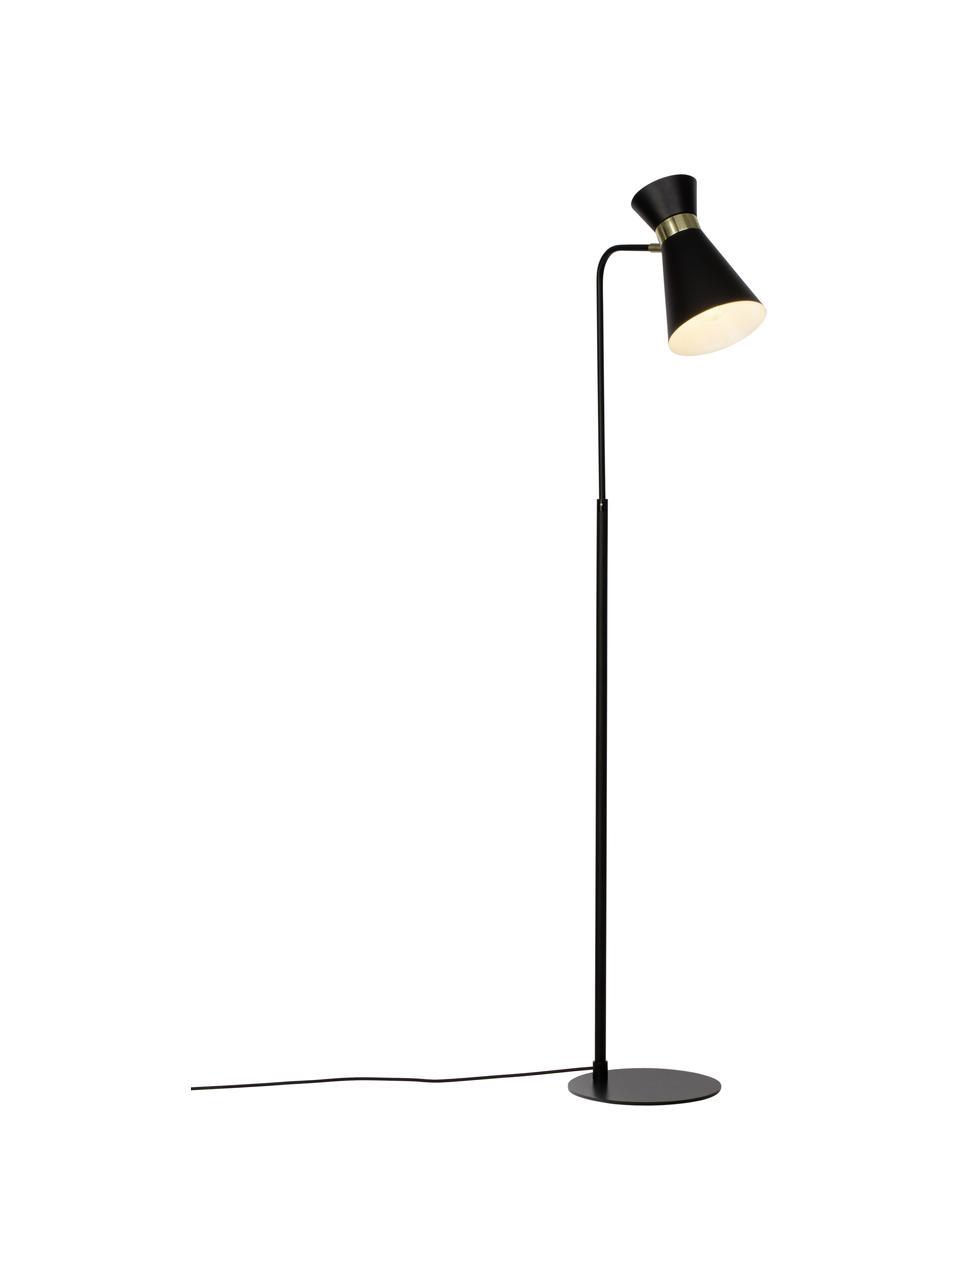 Lampa na čtení v retro stylu Grazia, Podstava lampy a stínidlo: černá Uchycení: matná zlatá